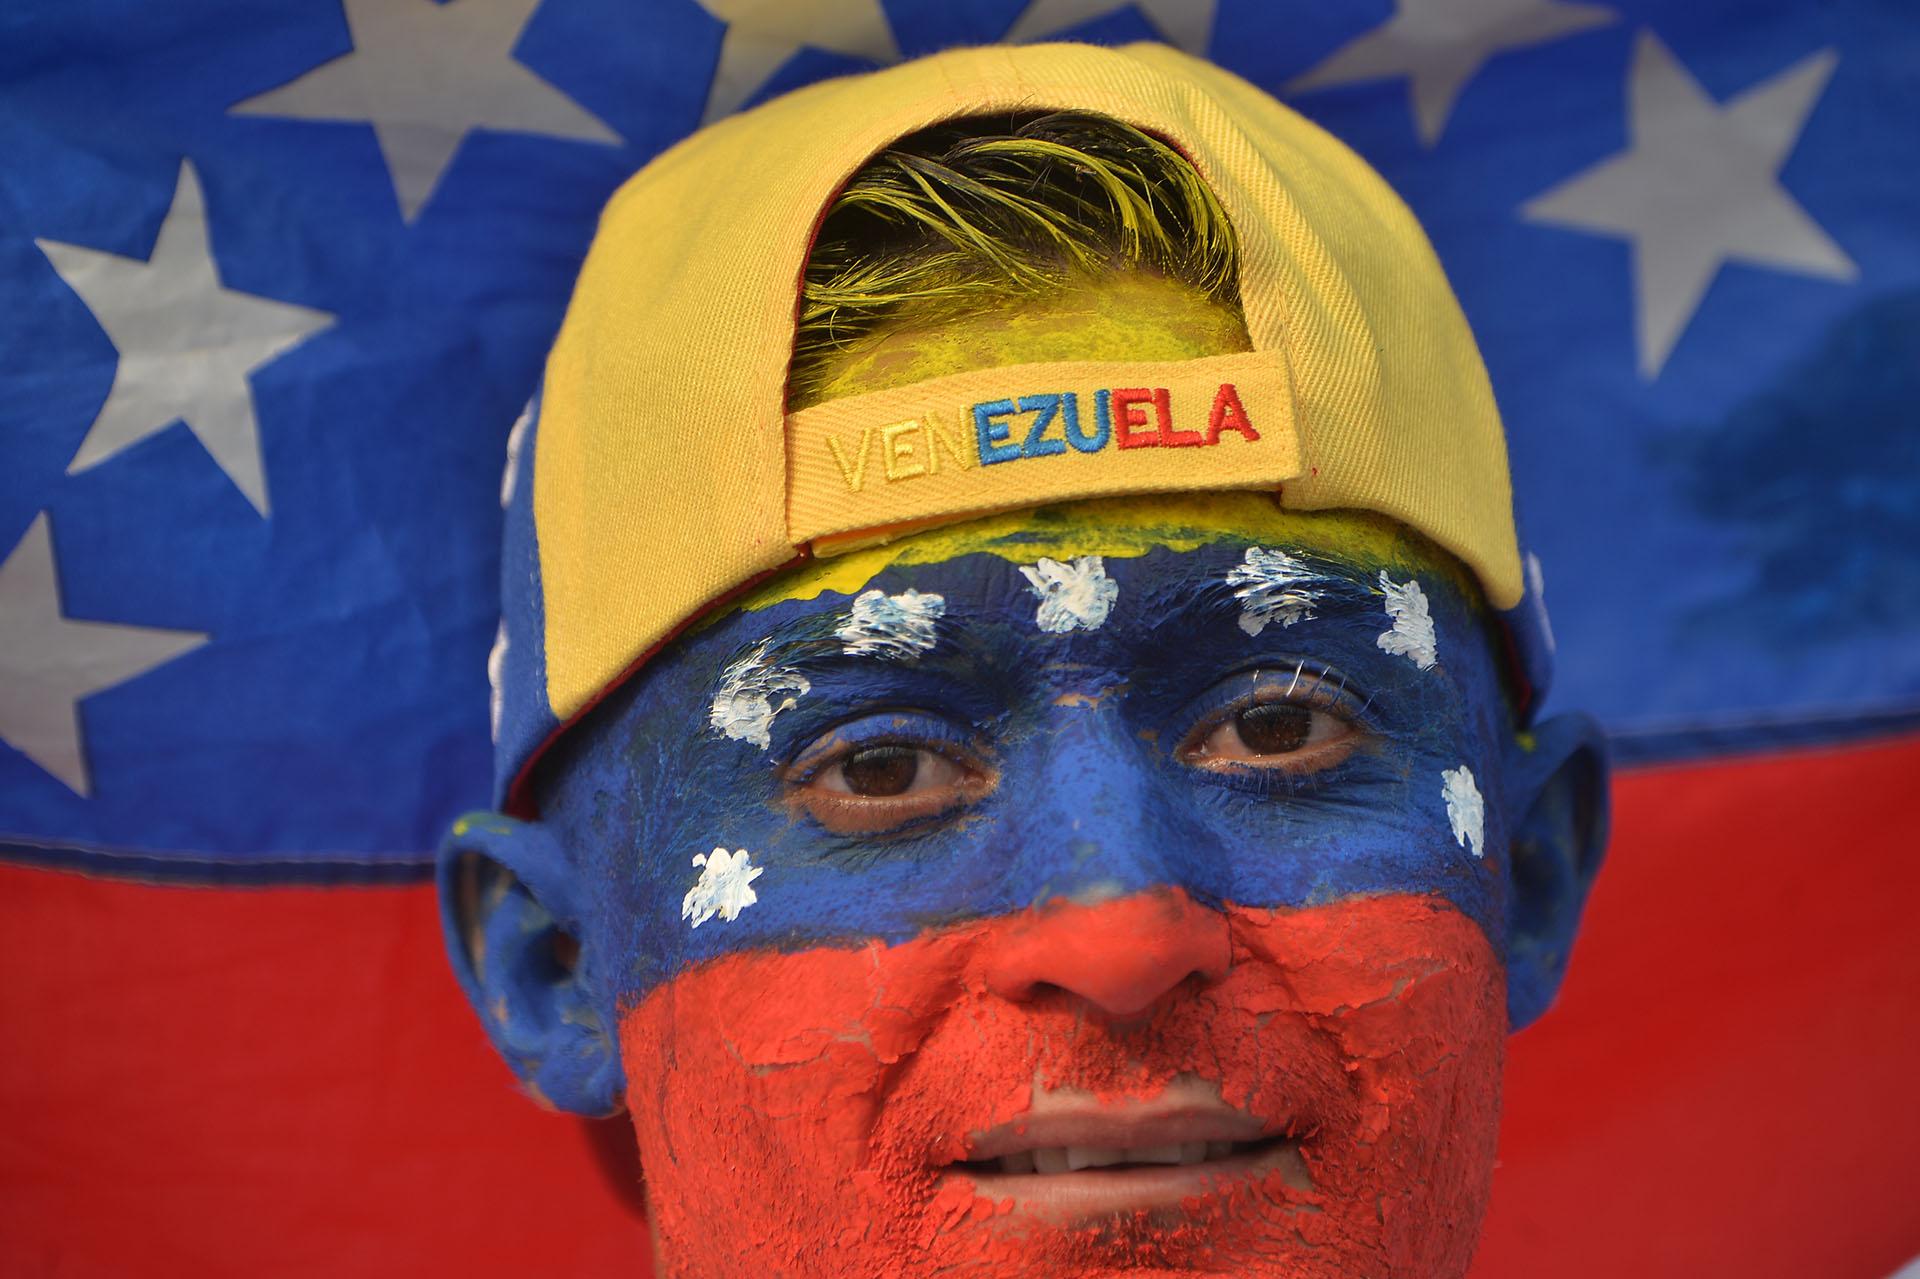 """Un hombre con la cara pintada en los colores de la bandera de Venezuela en el concierto """"Venezuela Aid Live"""". (AFP)"""